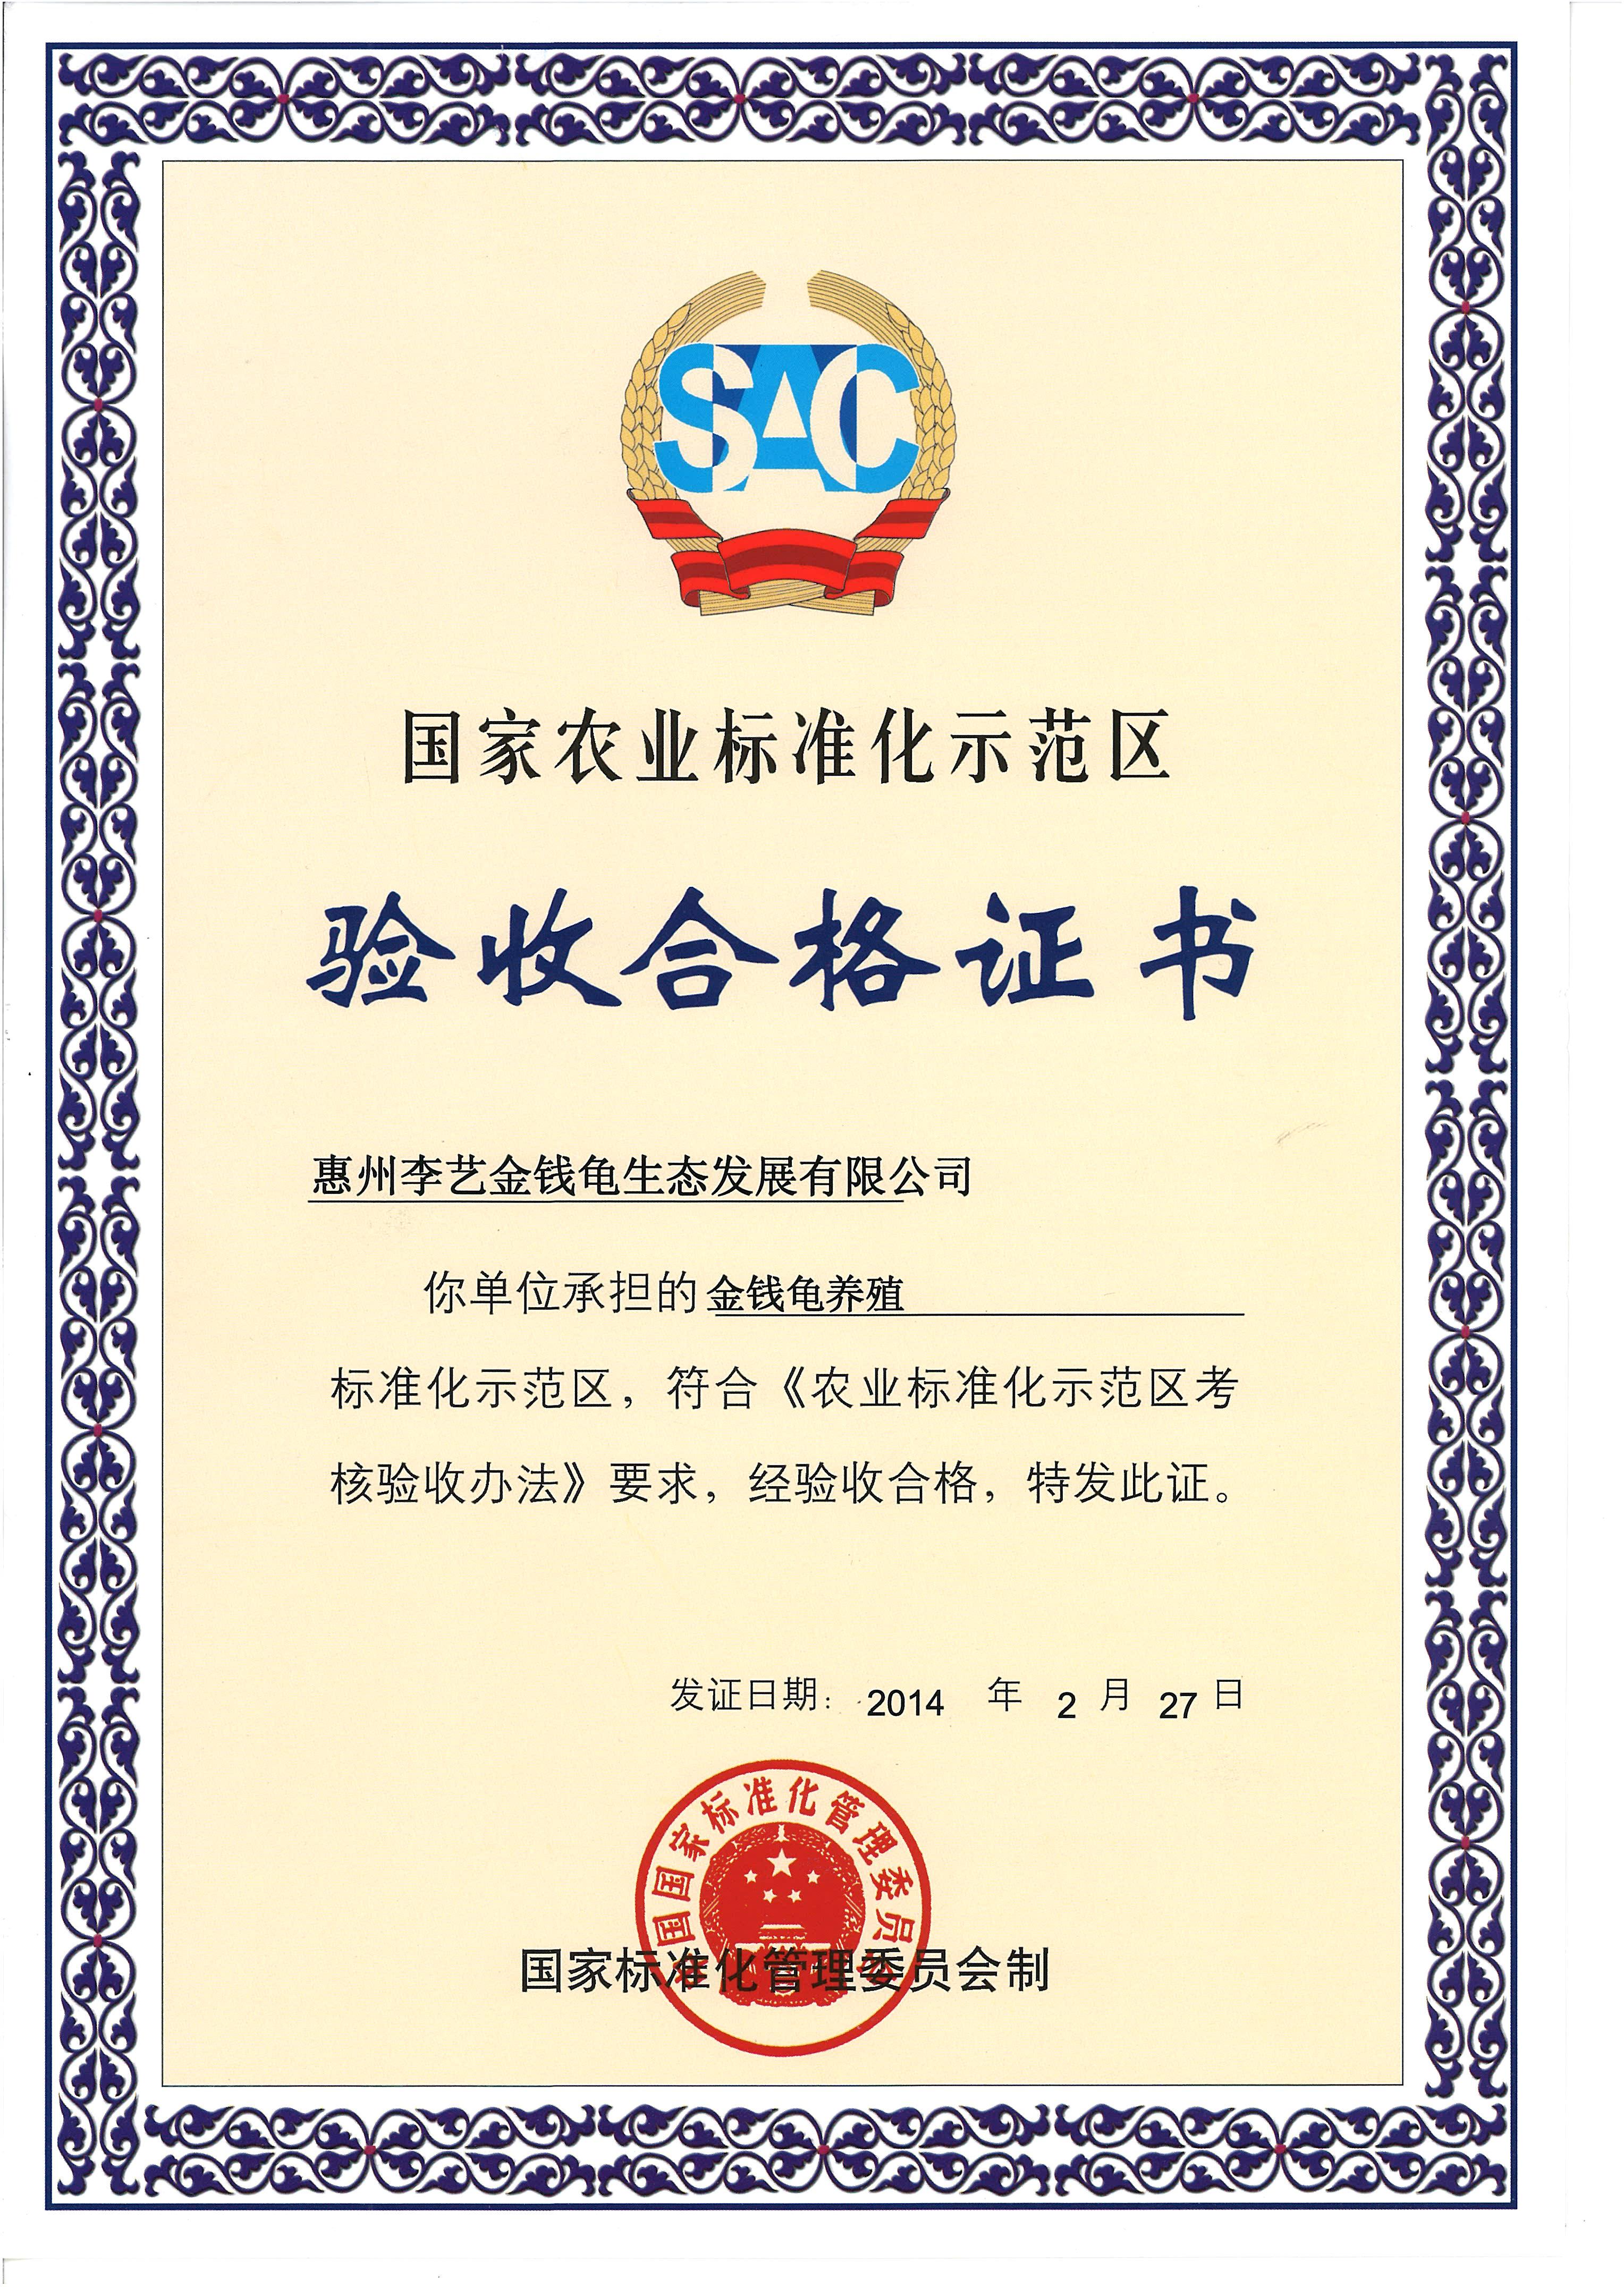 生態-國家農業標準化示范區驗收合格證書